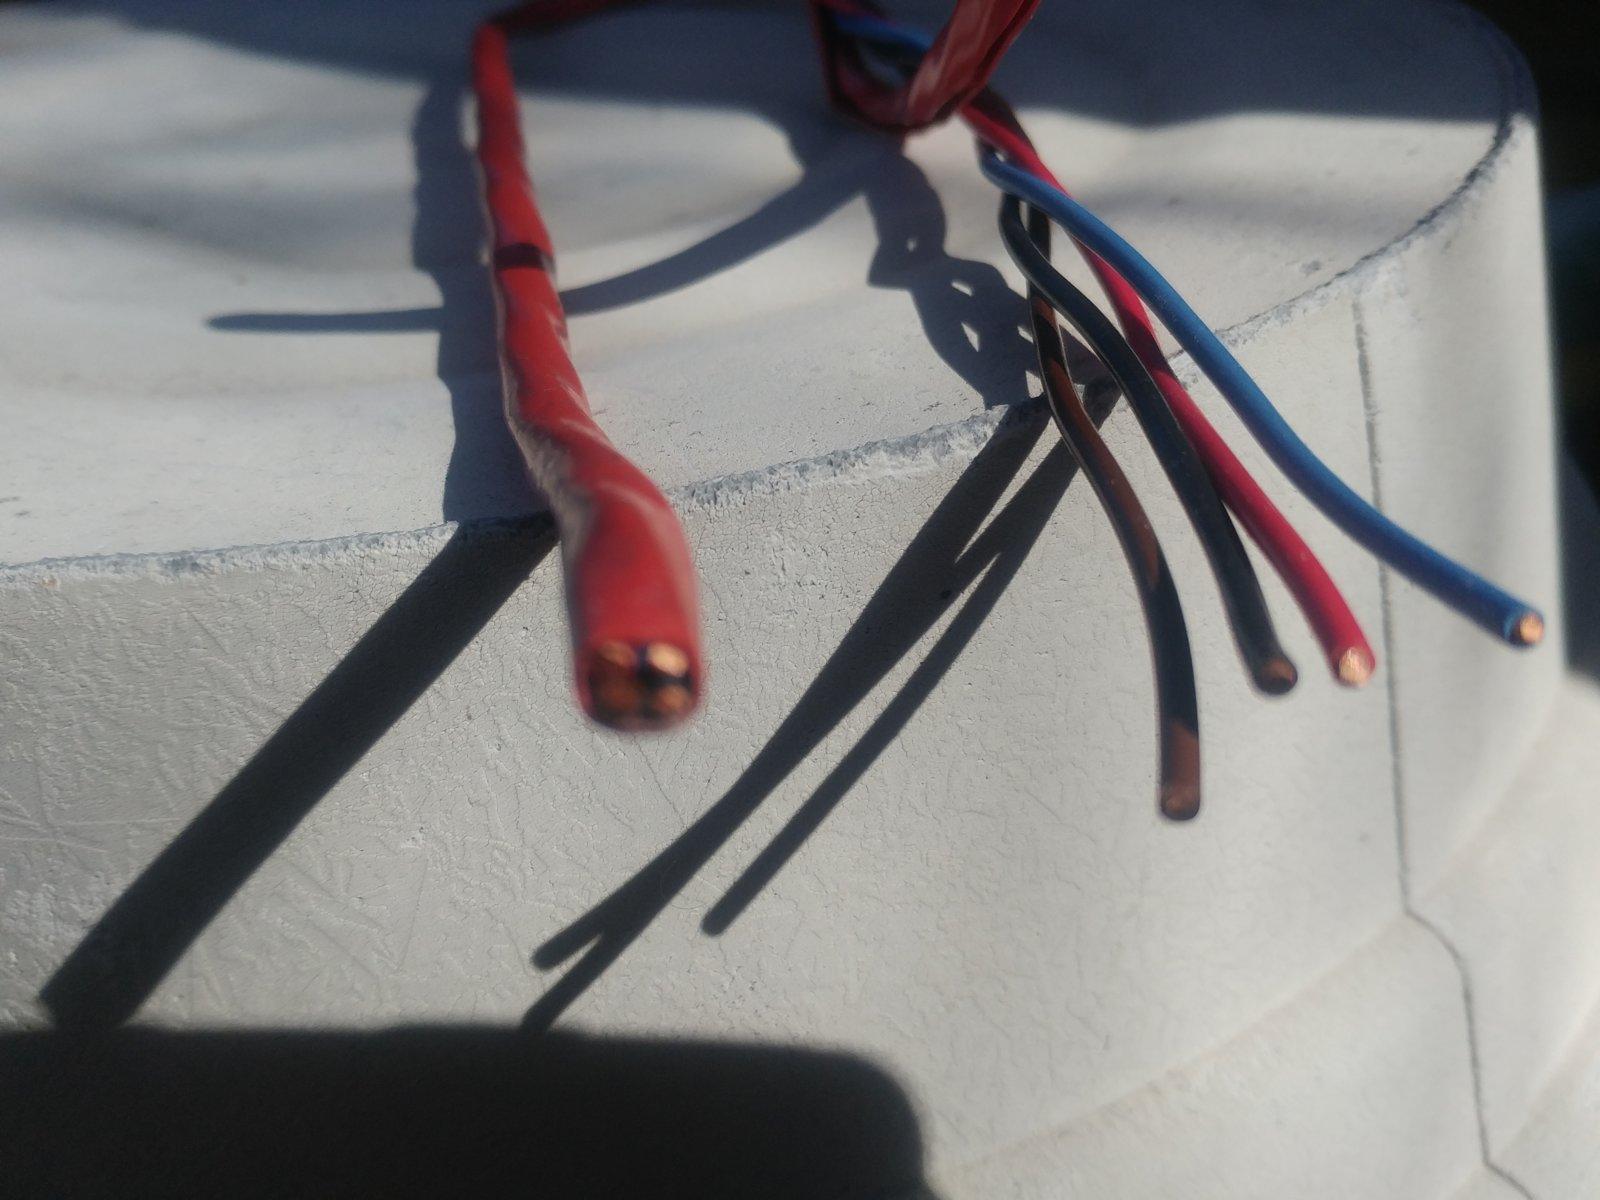 wire 01.jpg